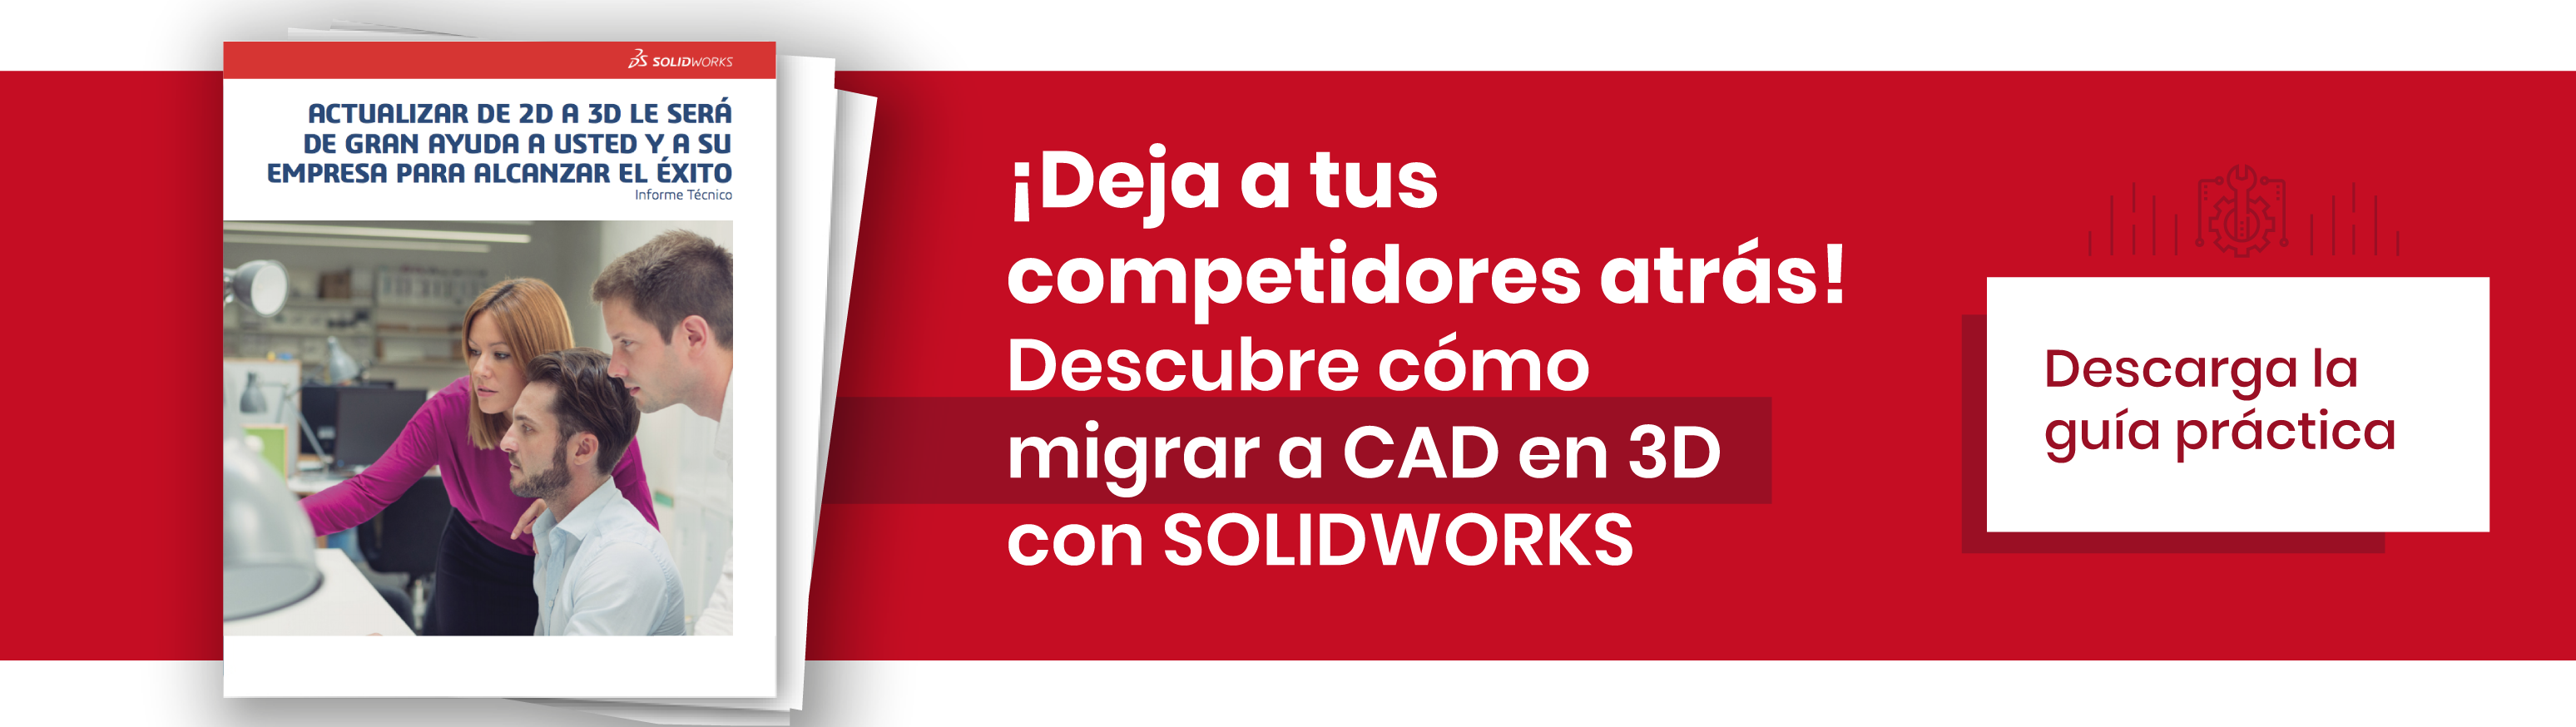 ¡Deja a tus competidores atrás! Descubre cómo migrar a CAD en 3D con SOLIDWORKS